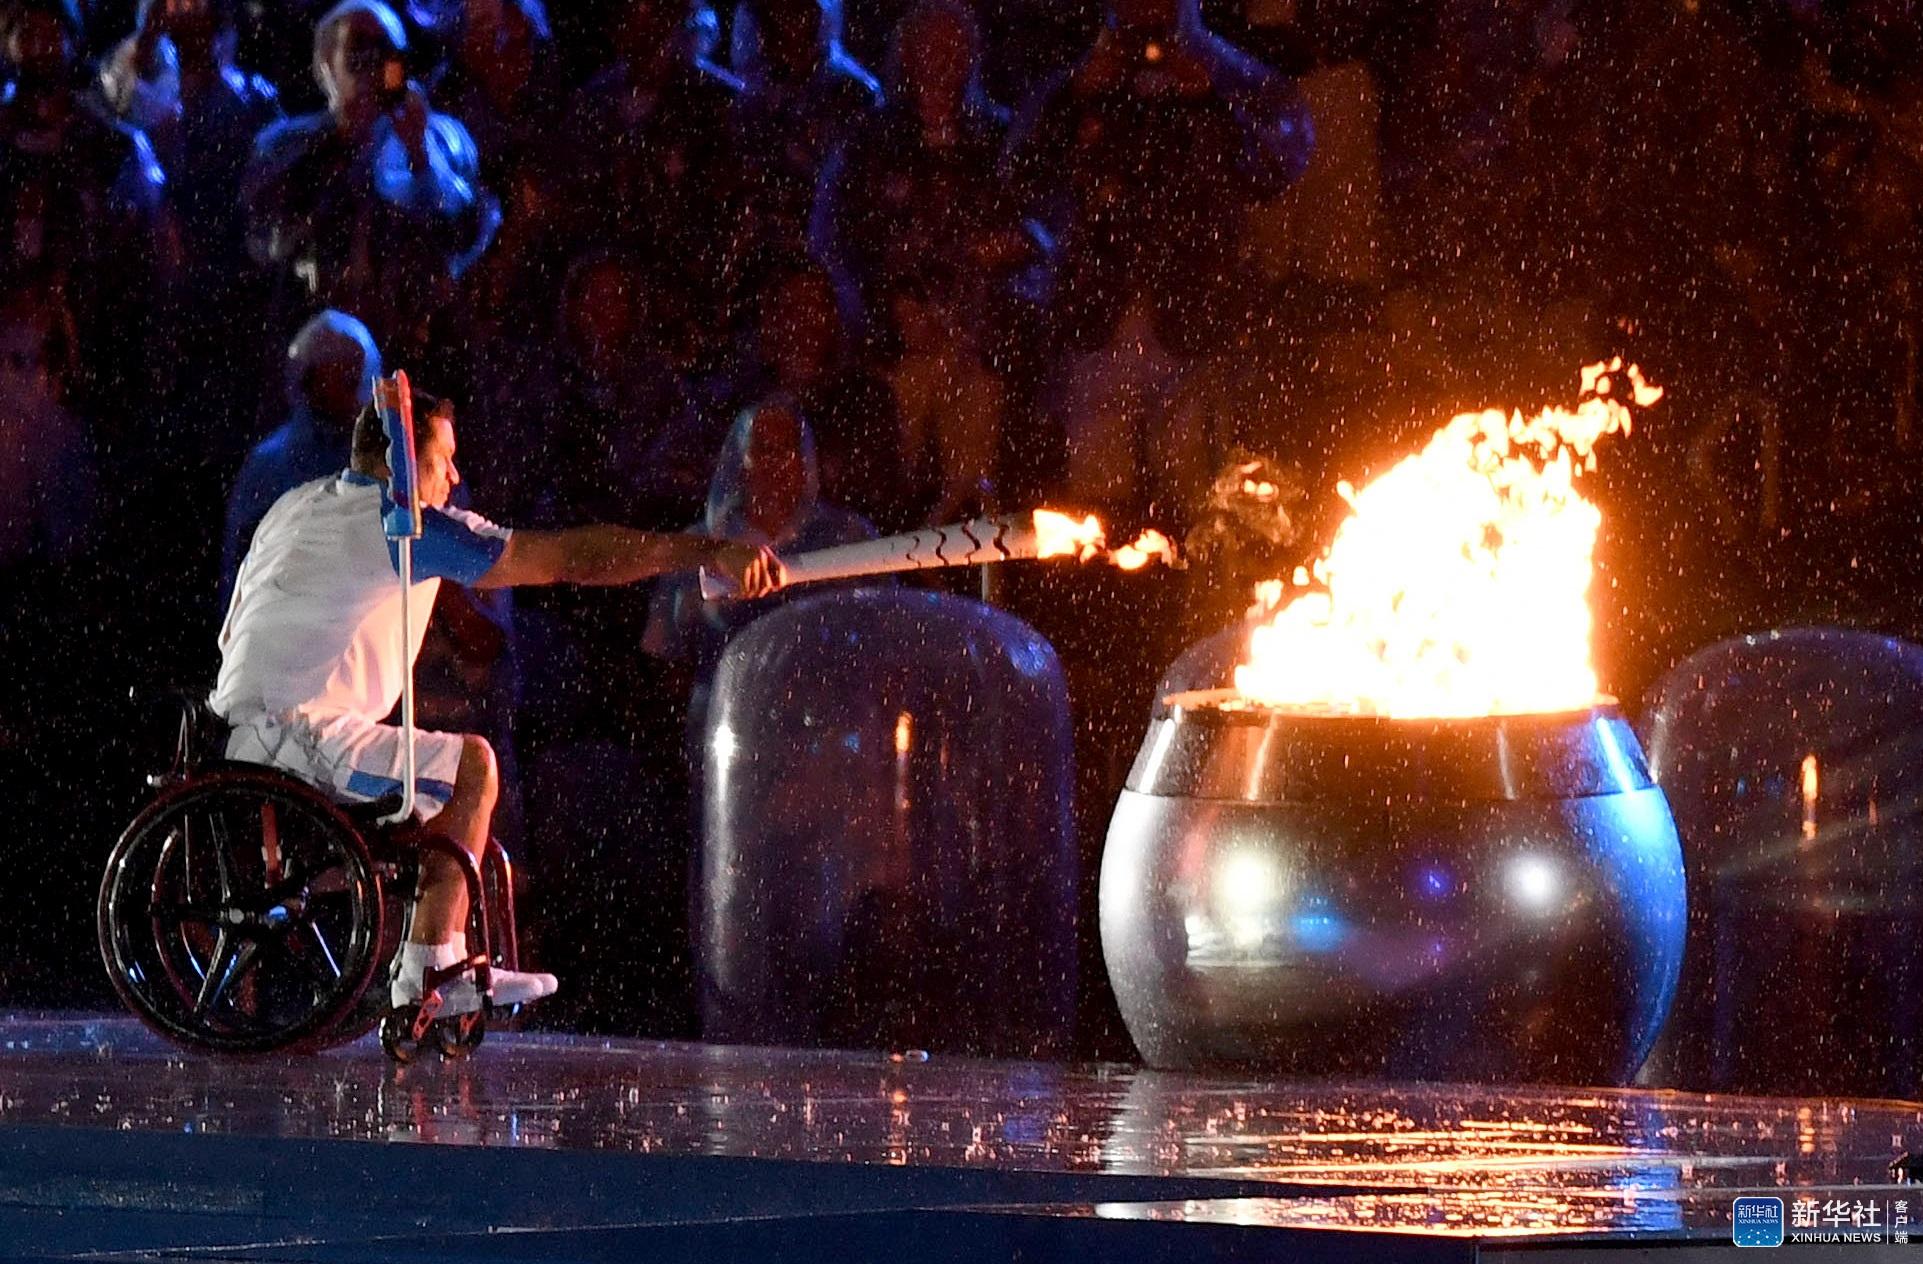 巴西残疾人游泳运动员席尔瓦点燃主火炬。当日,第十五届夏季残疾人奥林匹克运动会开幕式在巴西里约热内卢马拉卡纳体育场举行。 新华社记者李钢摄